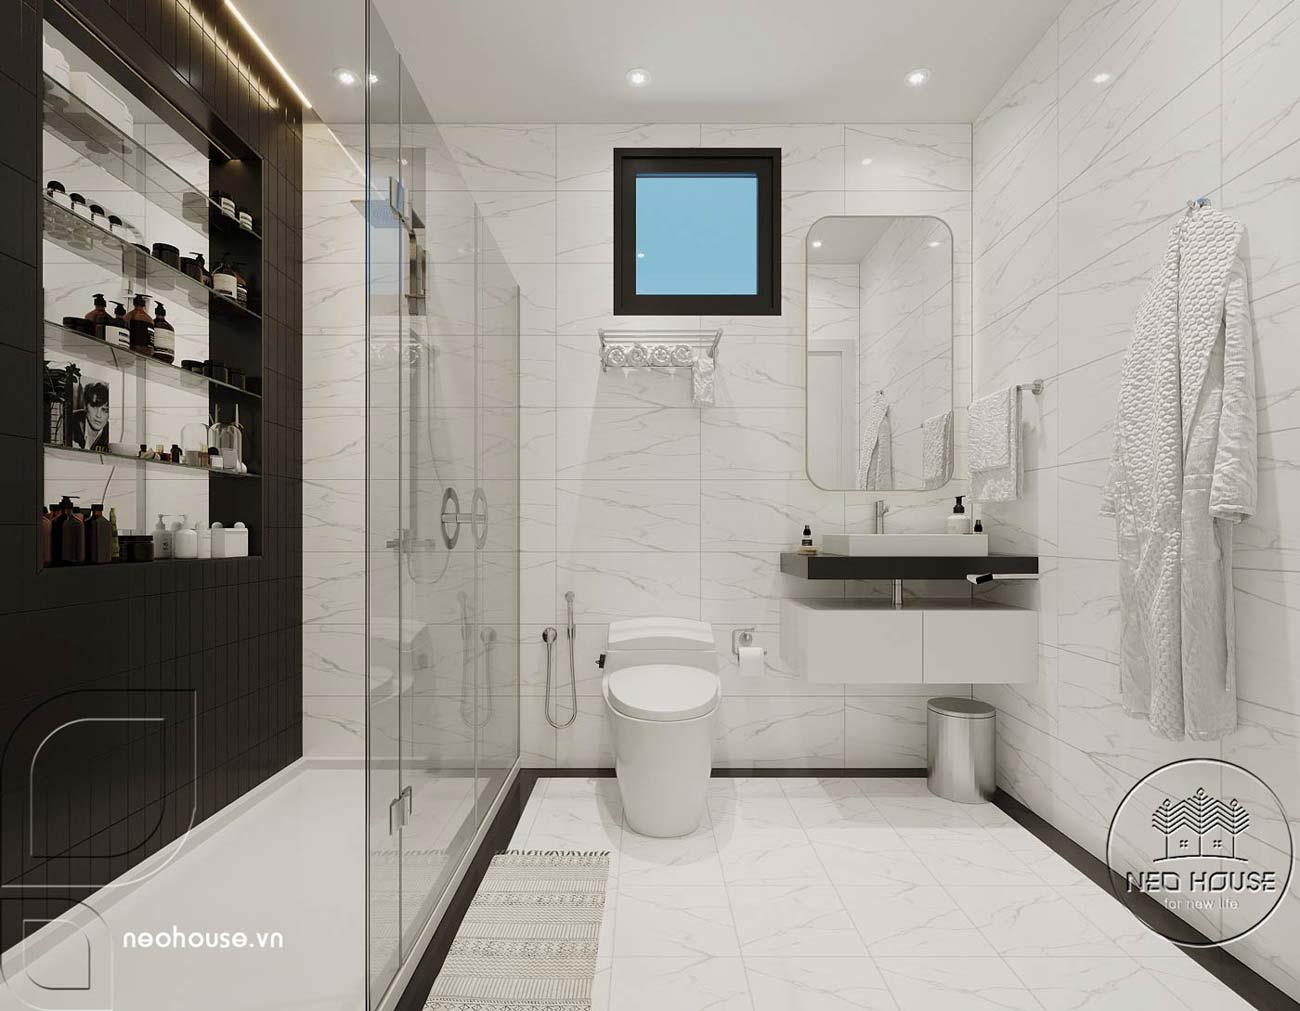 Phối cảnh thiết kế nội thất biệt thự tân cổ điển đẹp 4 tầng cho phòng tắm và nhà vệ sinh. Ảnh 2